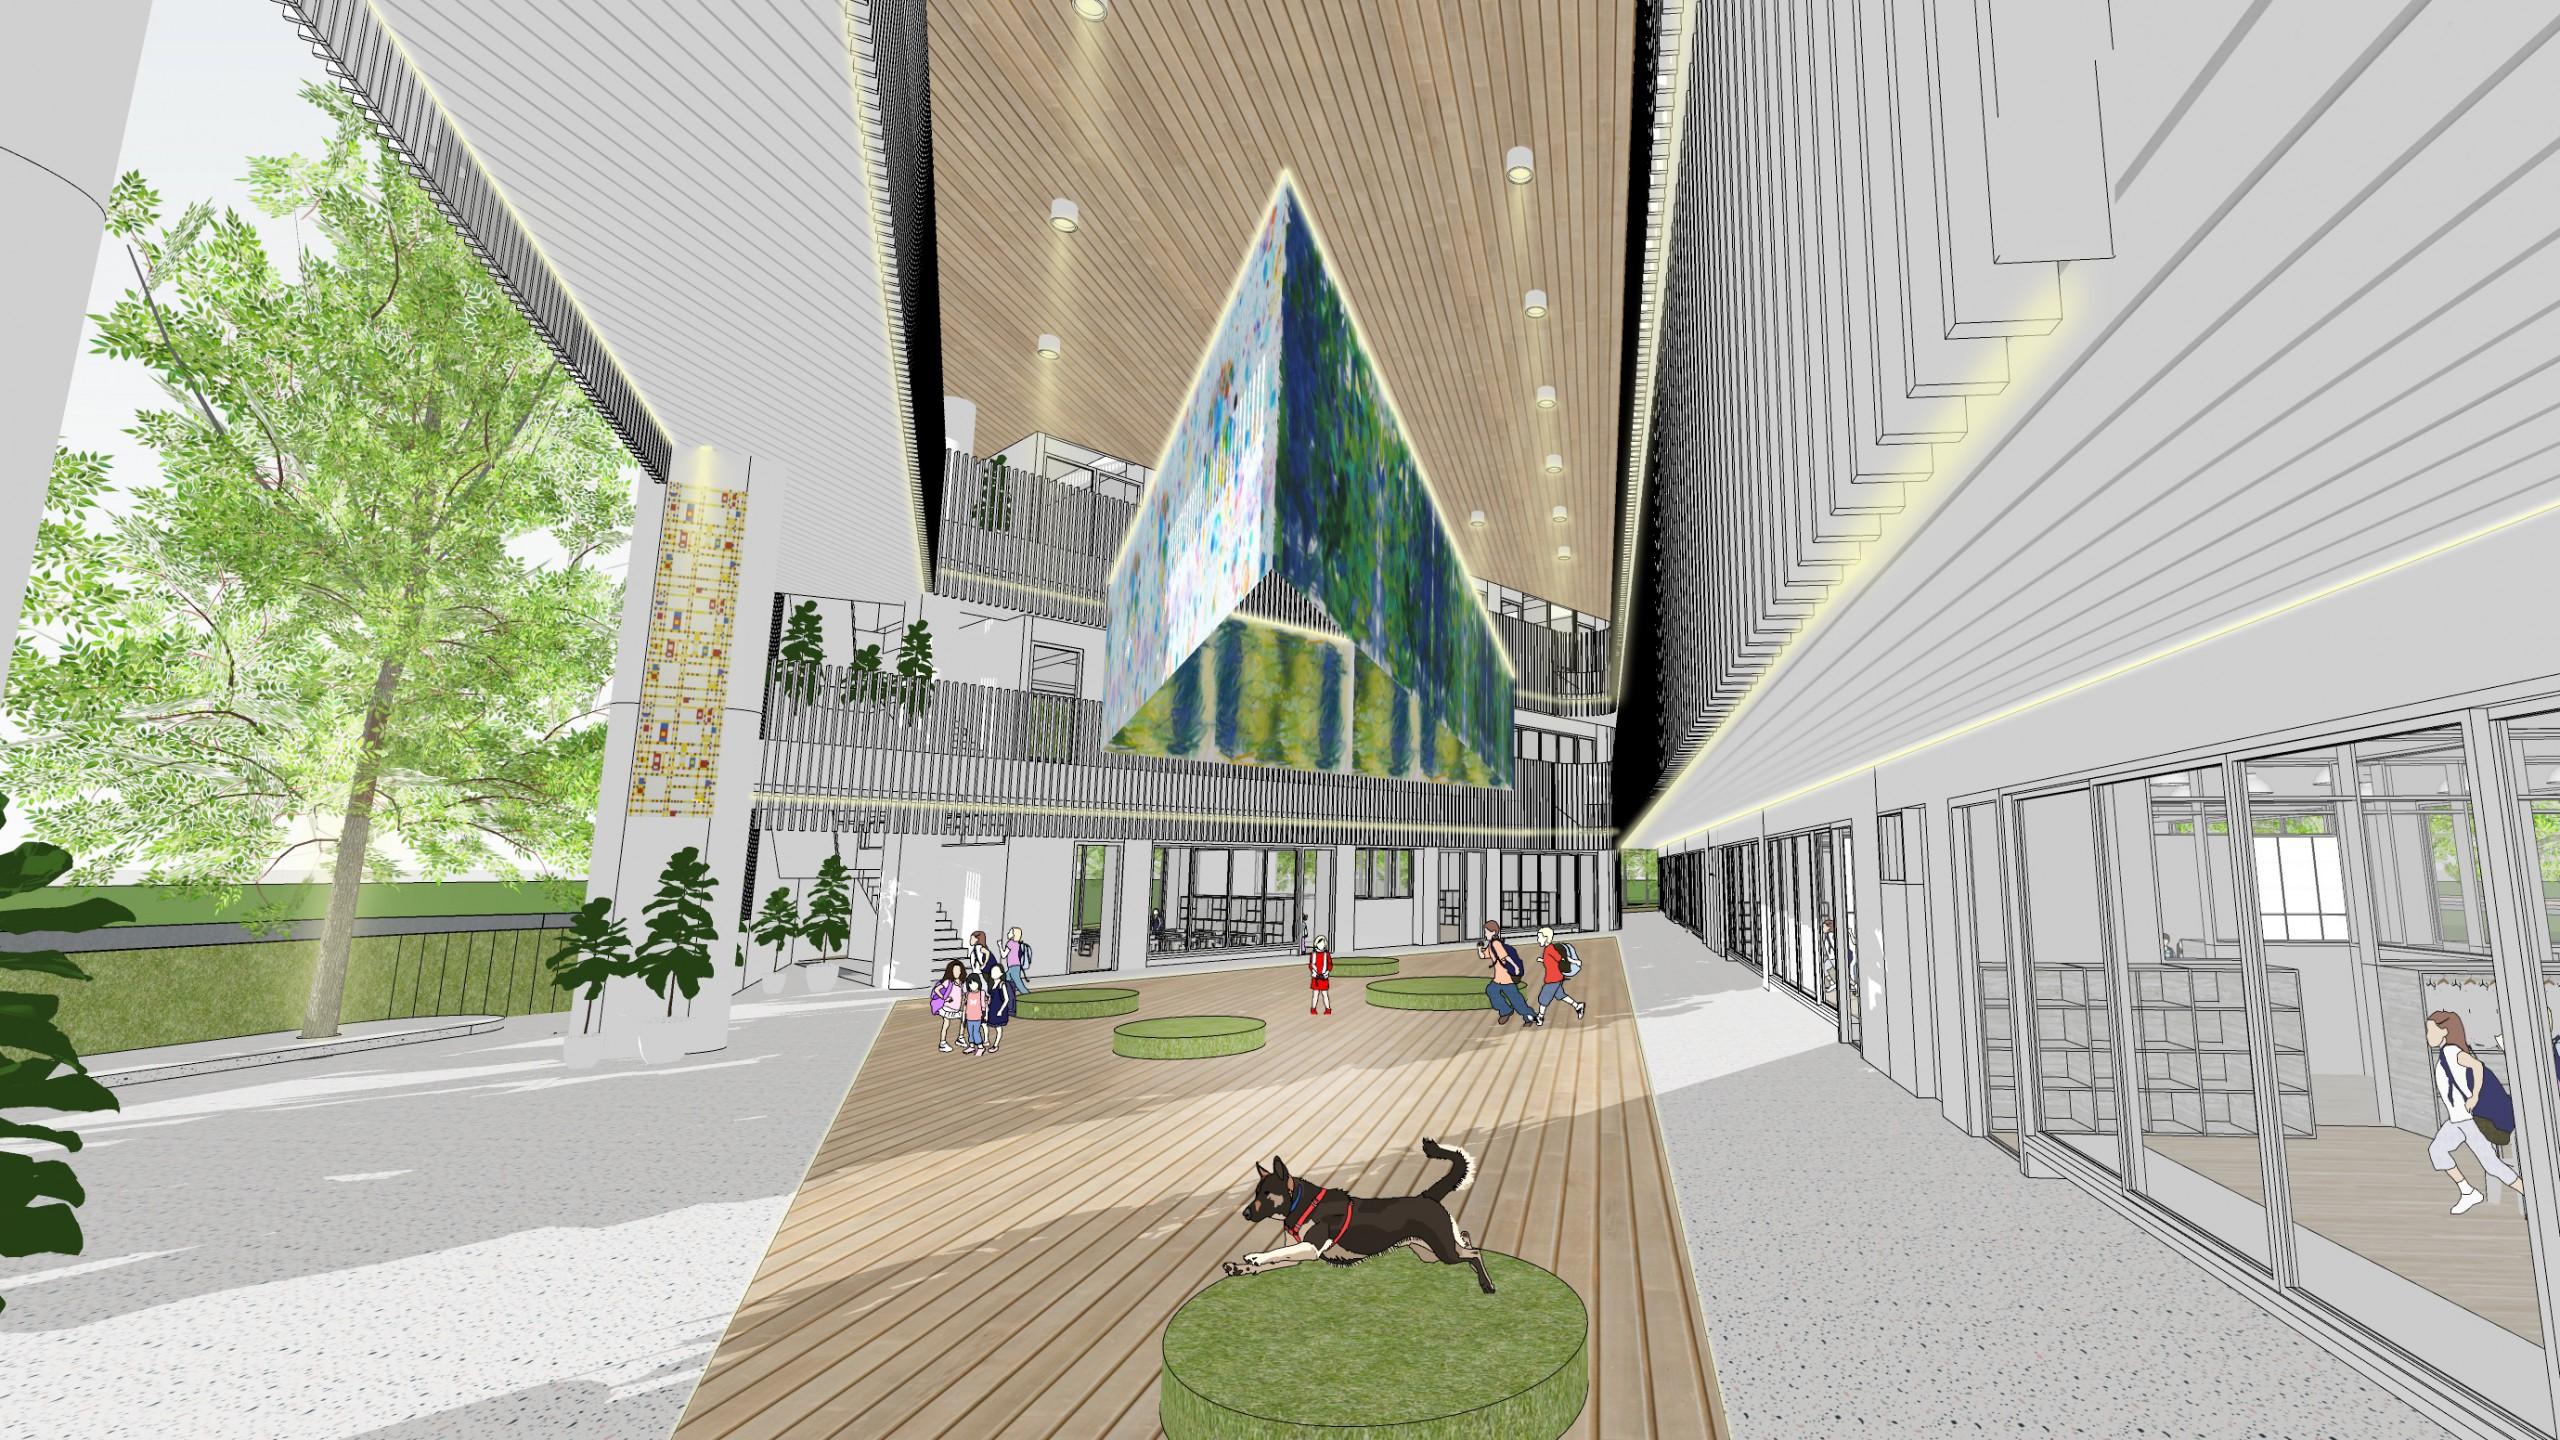 德築-DEZU-project-淡海大芽幼兒園-architecture-3Drendering